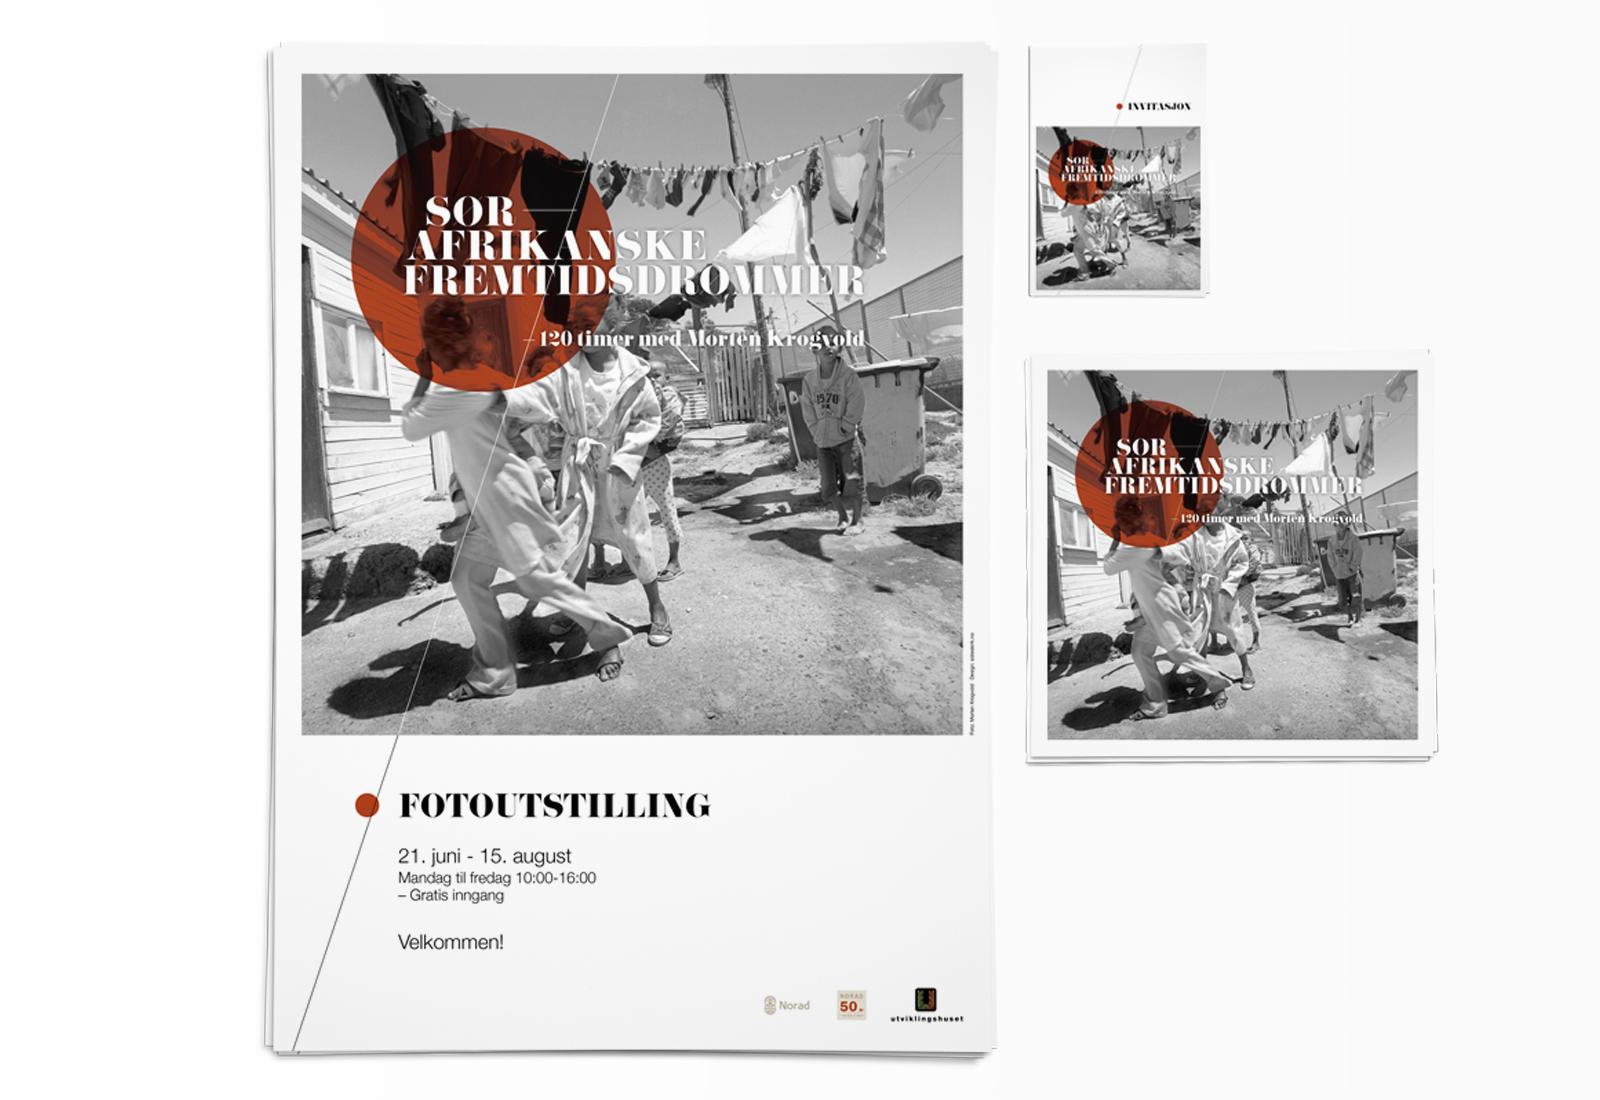 SØRAFRIKANSKE FREMTIDSDRØMMER – 120 timer med Morten Krogvold – fotoutstilling